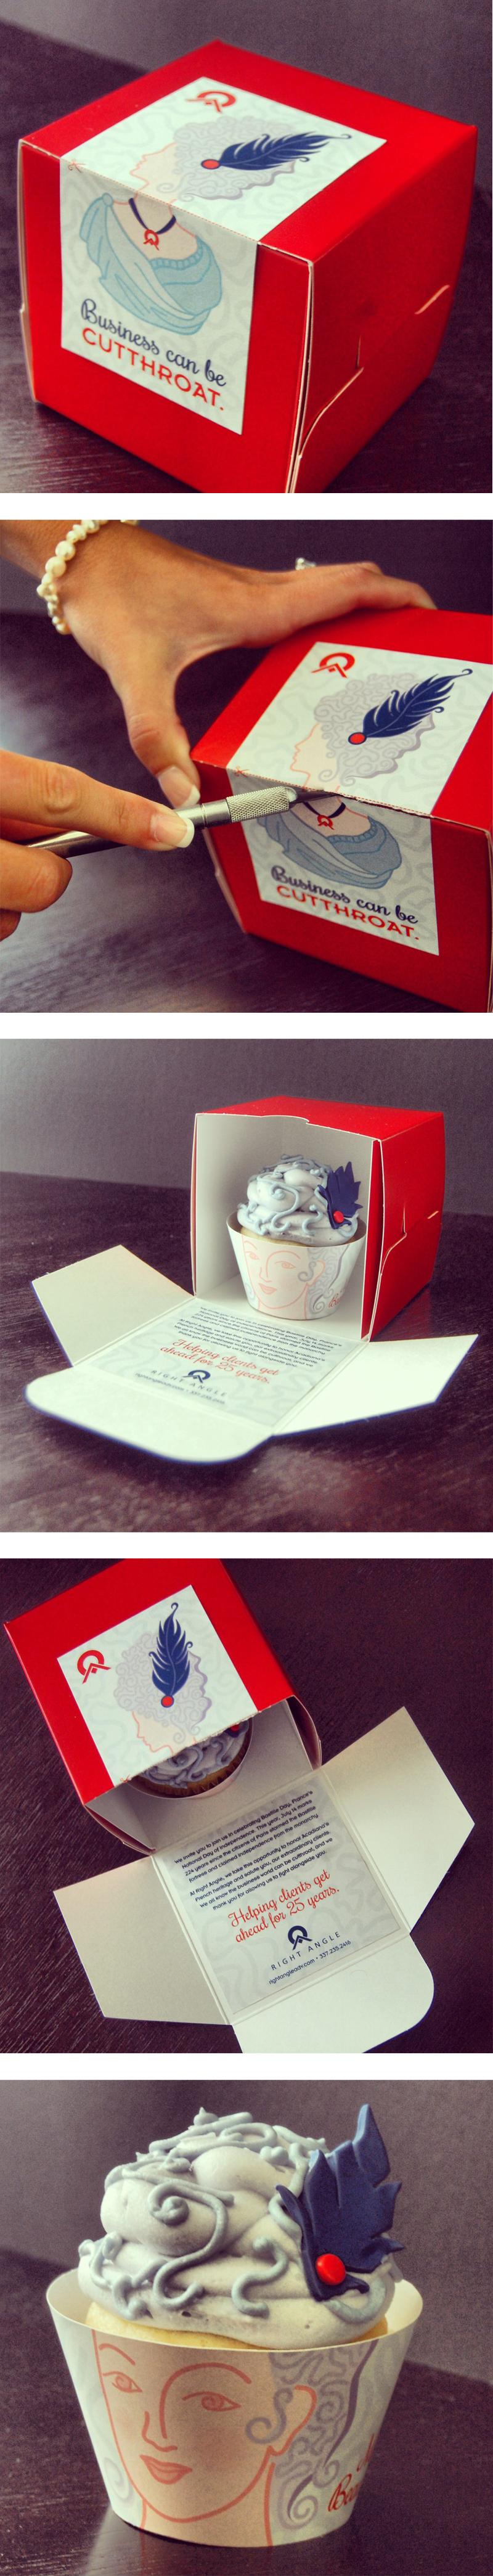 Right Angle Advertising Bastille Day Cupcake Www Rightangleadv Com Marie Antoinette Franc Creative Packaging Branding Design France National Day